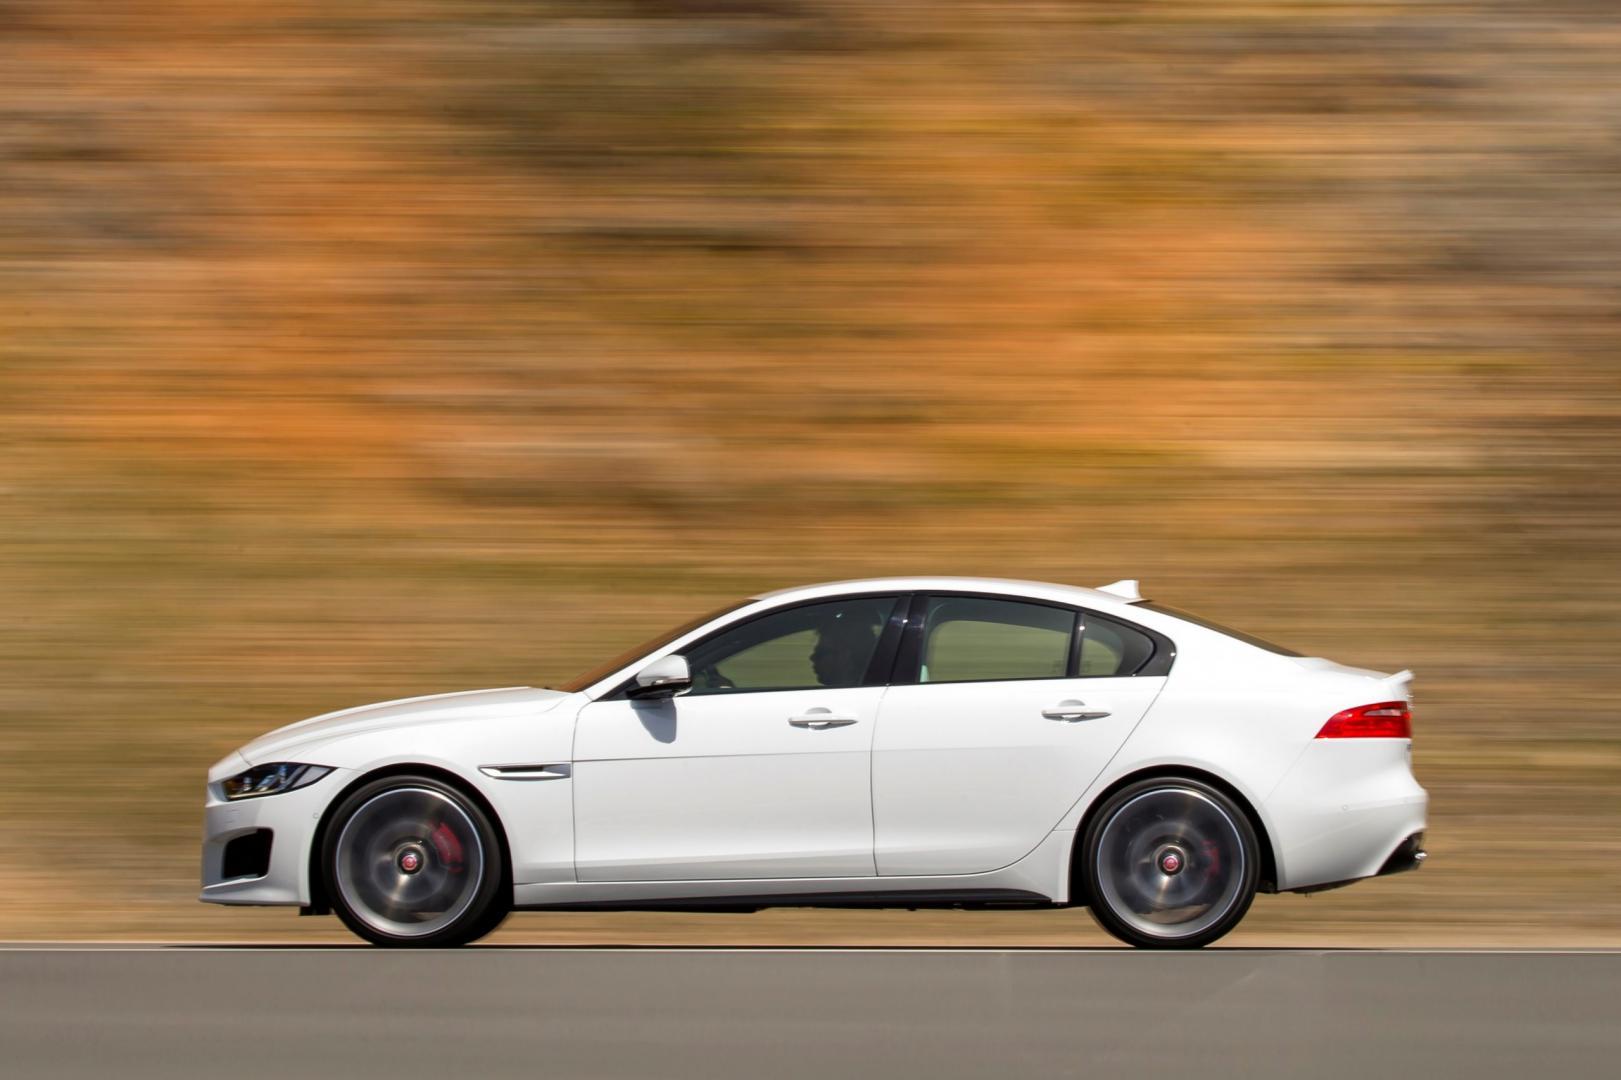 Jaguar XE S 3.0 V6 (2015)